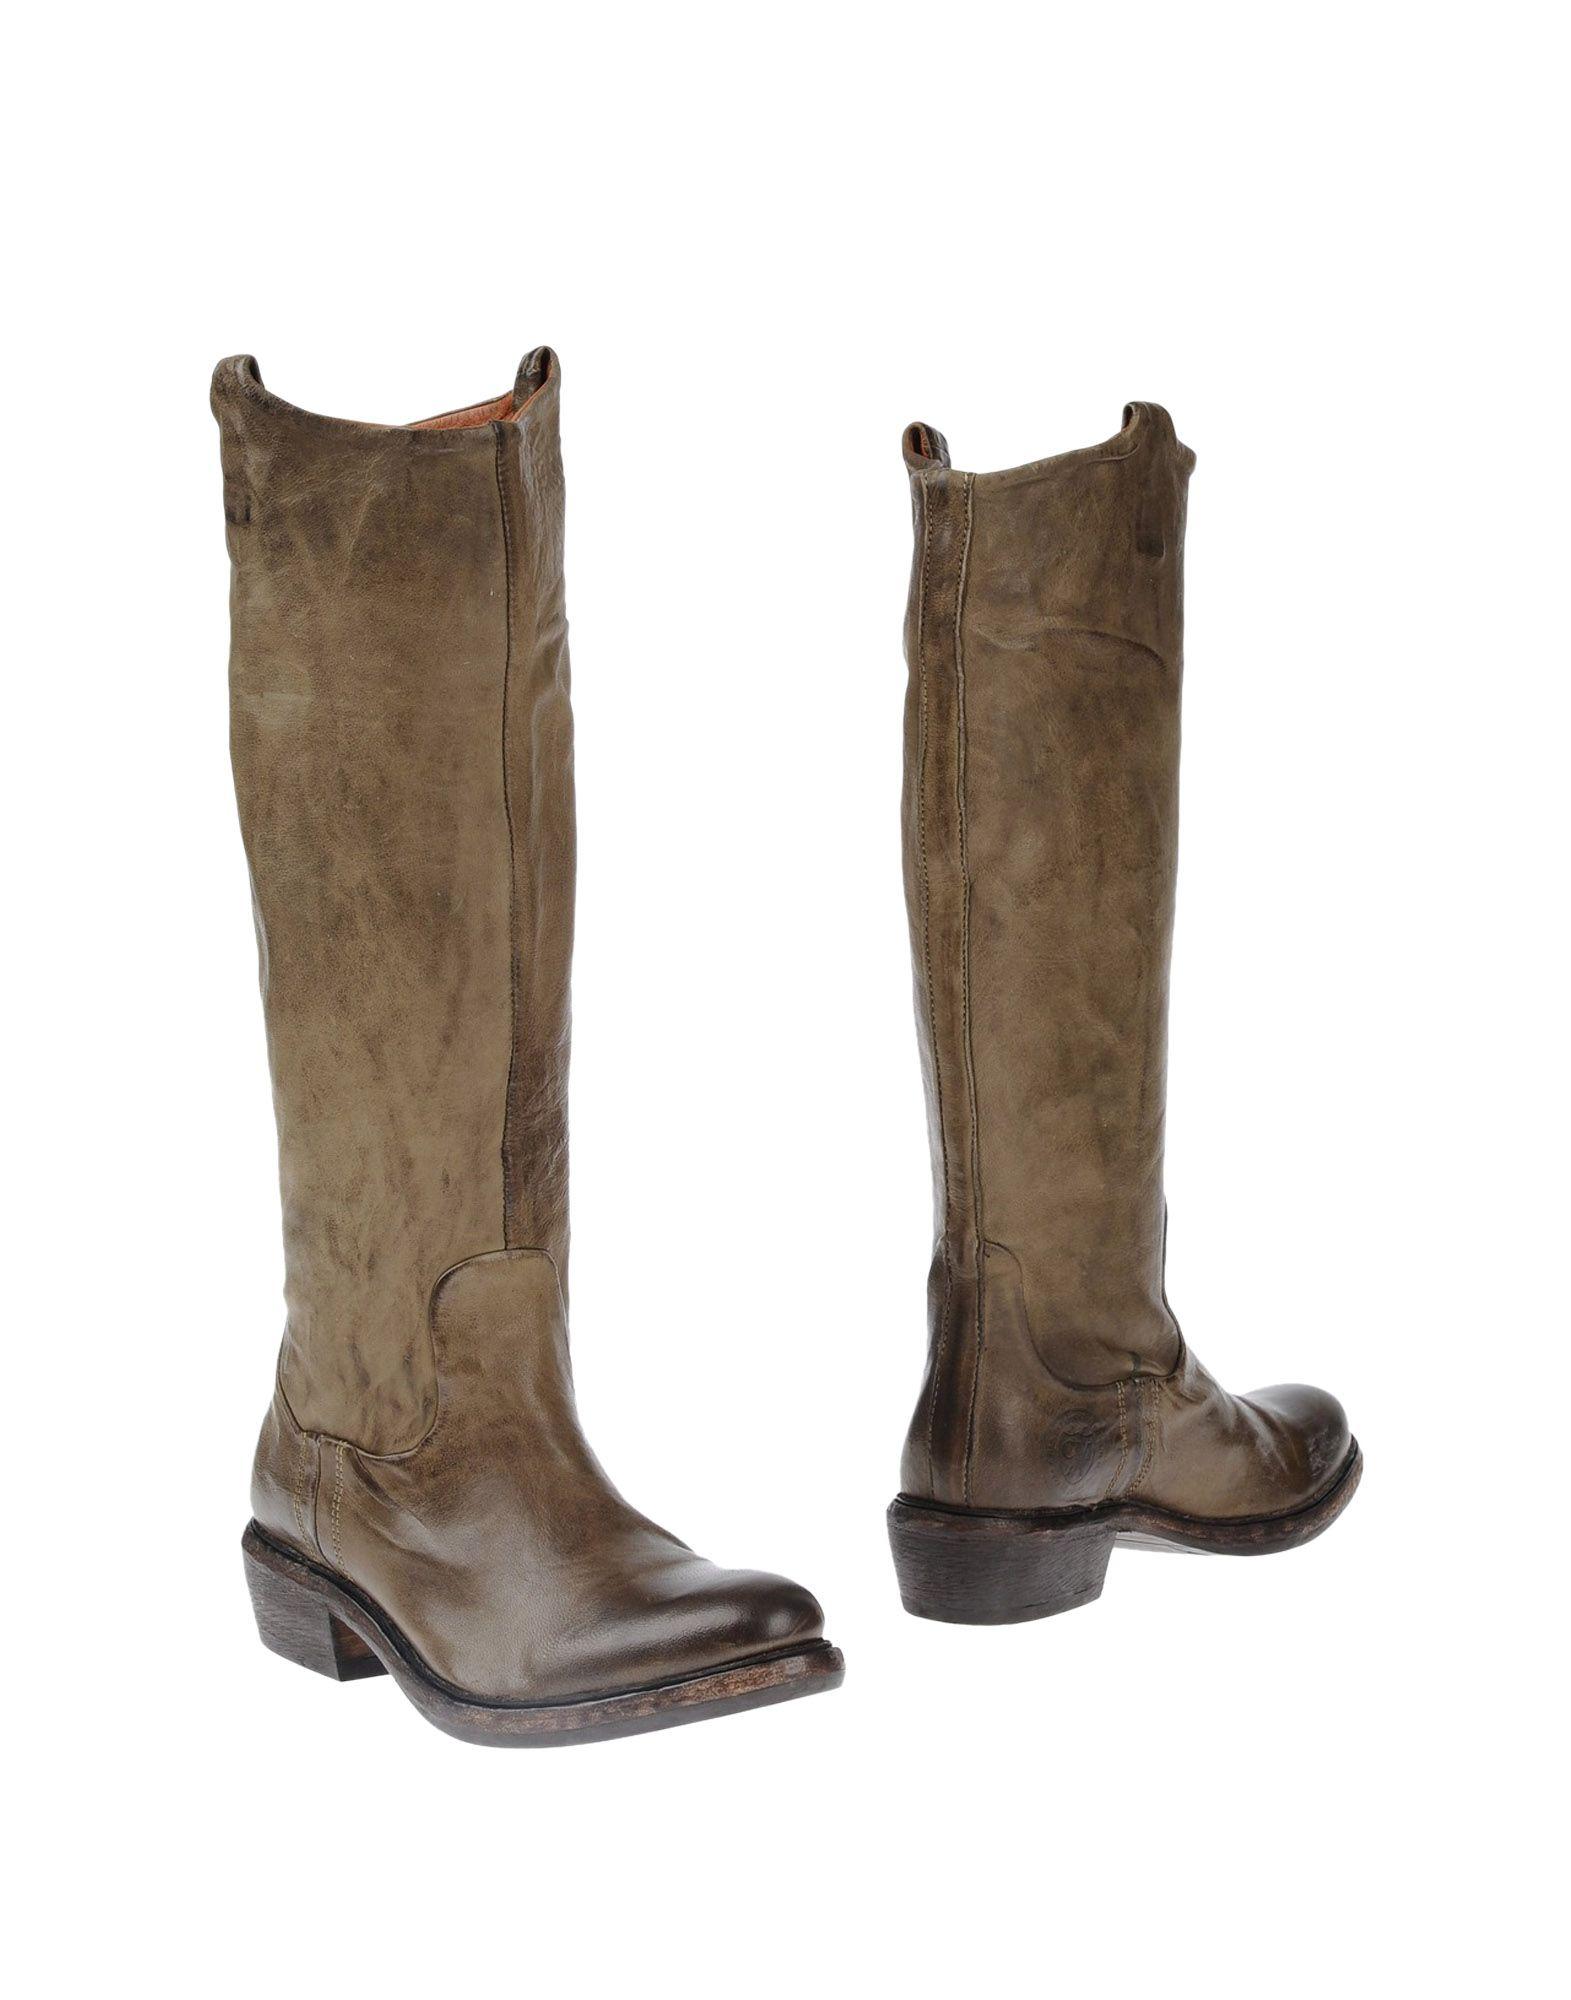 Stilvolle Martins billige Schuhe Catarina Martins Stilvolle Stiefel Damen  11039547QH 6f6654